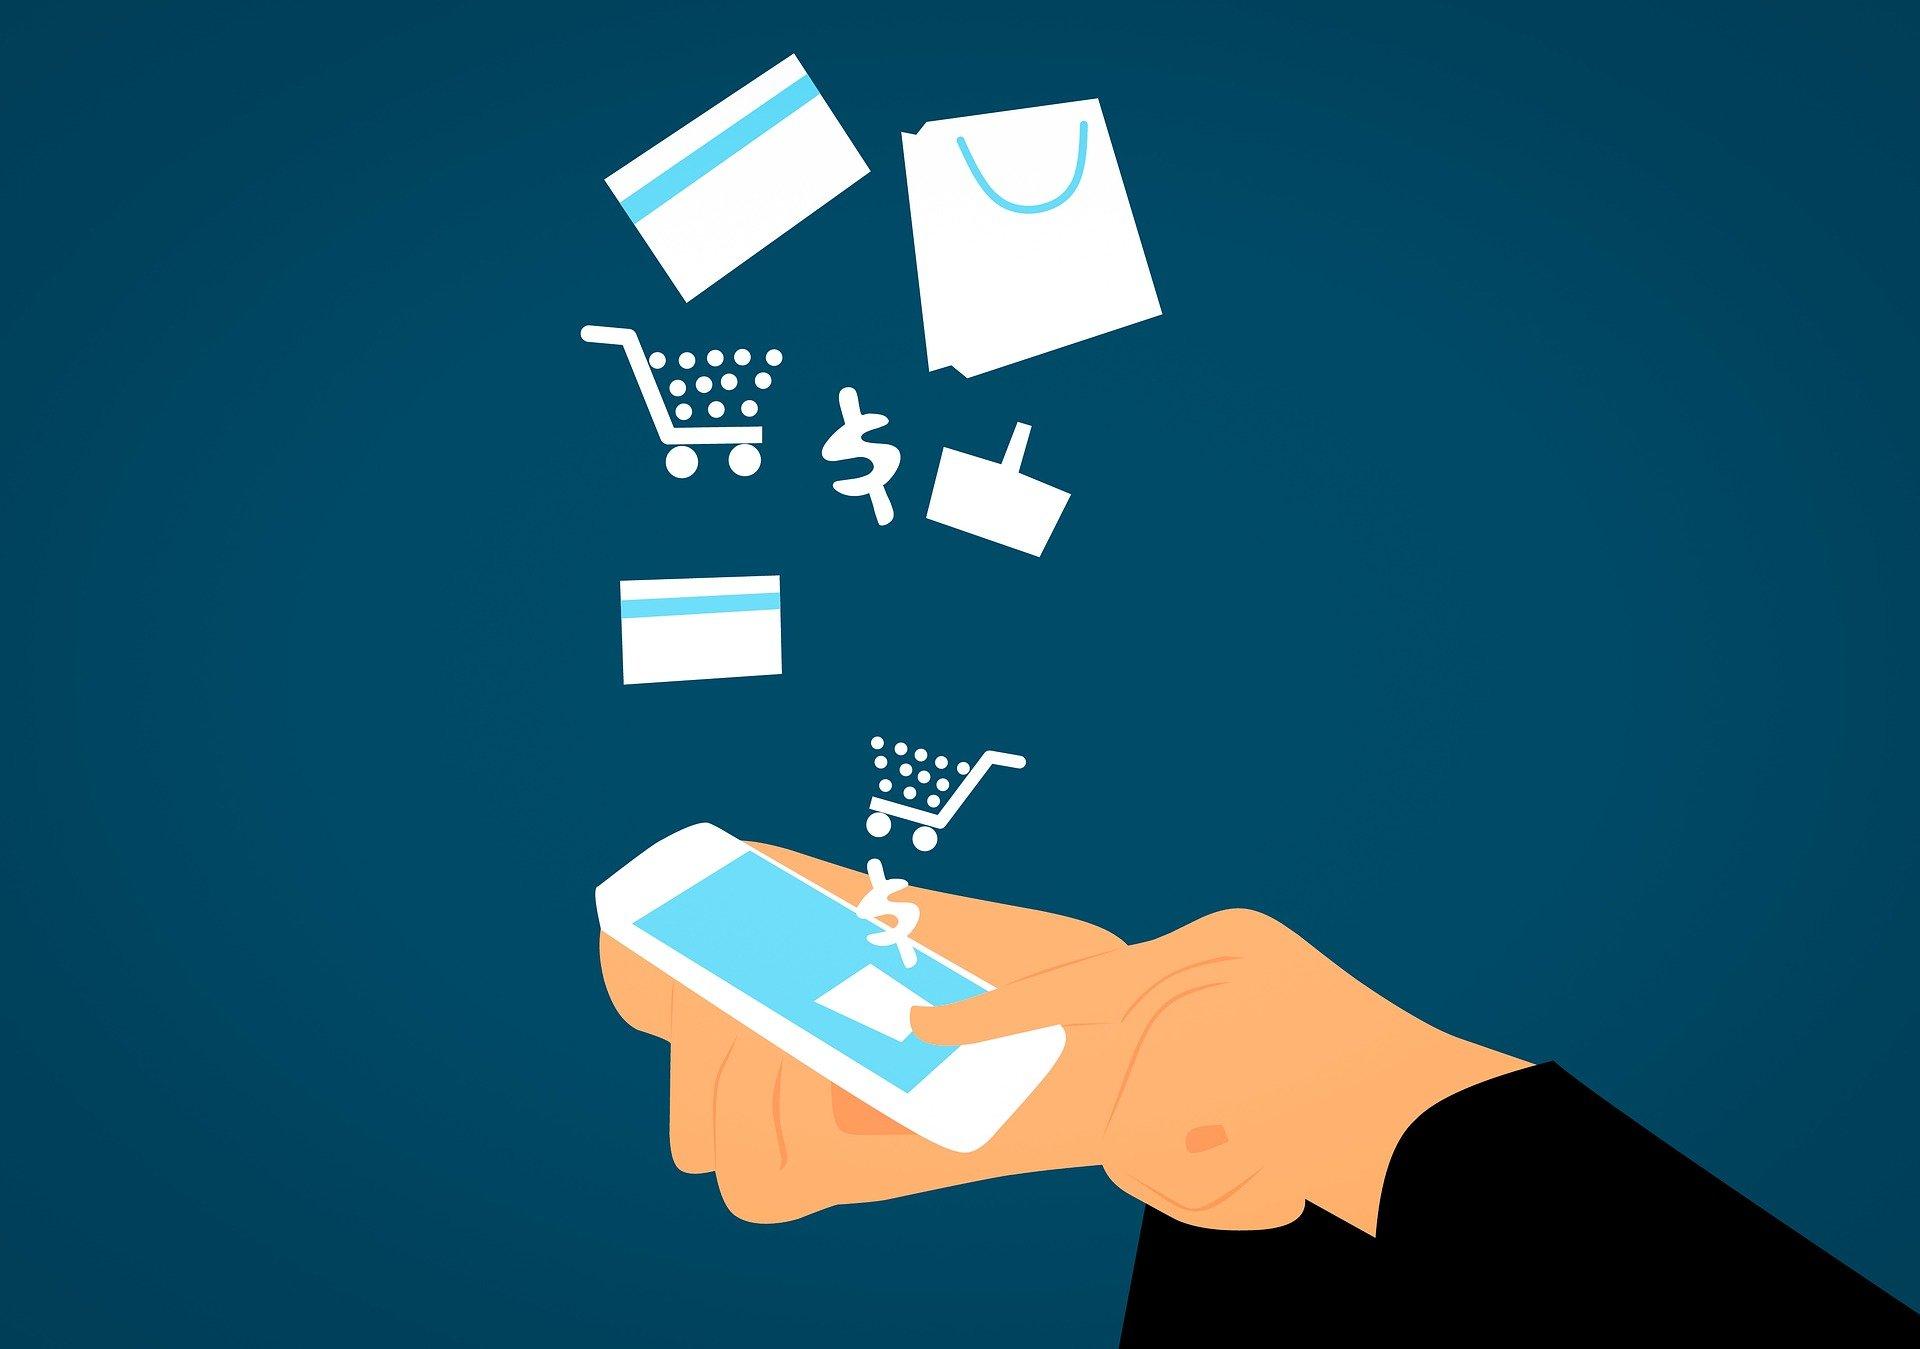 Consumo inteligente e economia: Entenda a relação entre eles!